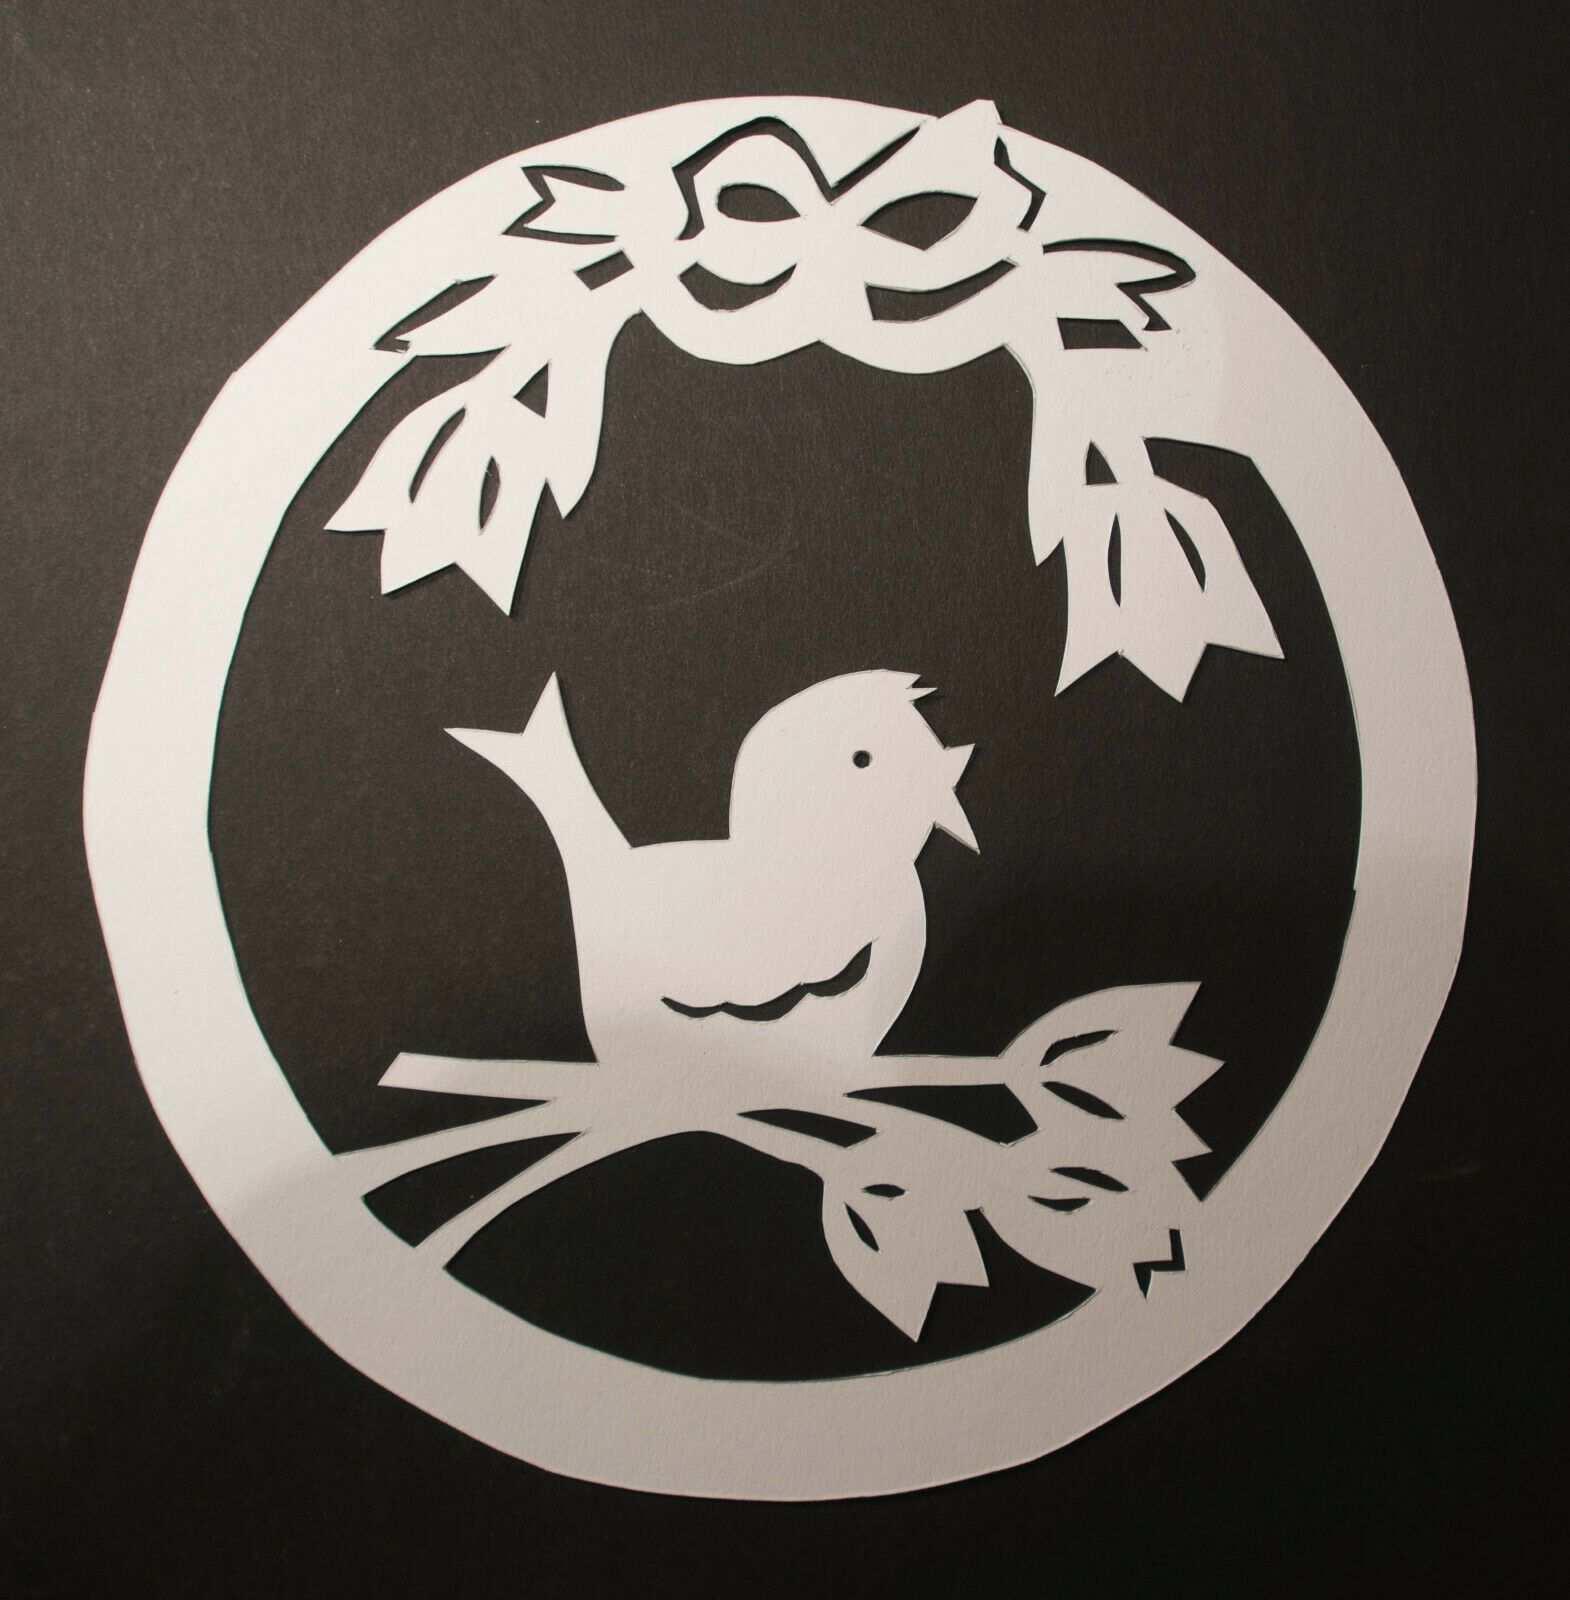 Fensterbild Filigran Tonkarton Vogel Auf Blute Eur 3 30 Sie Bieten Auf Ein Fensterbild Vogel Auf Blute Fensterbilder Basteln Fruhling Ostern Tonkarton